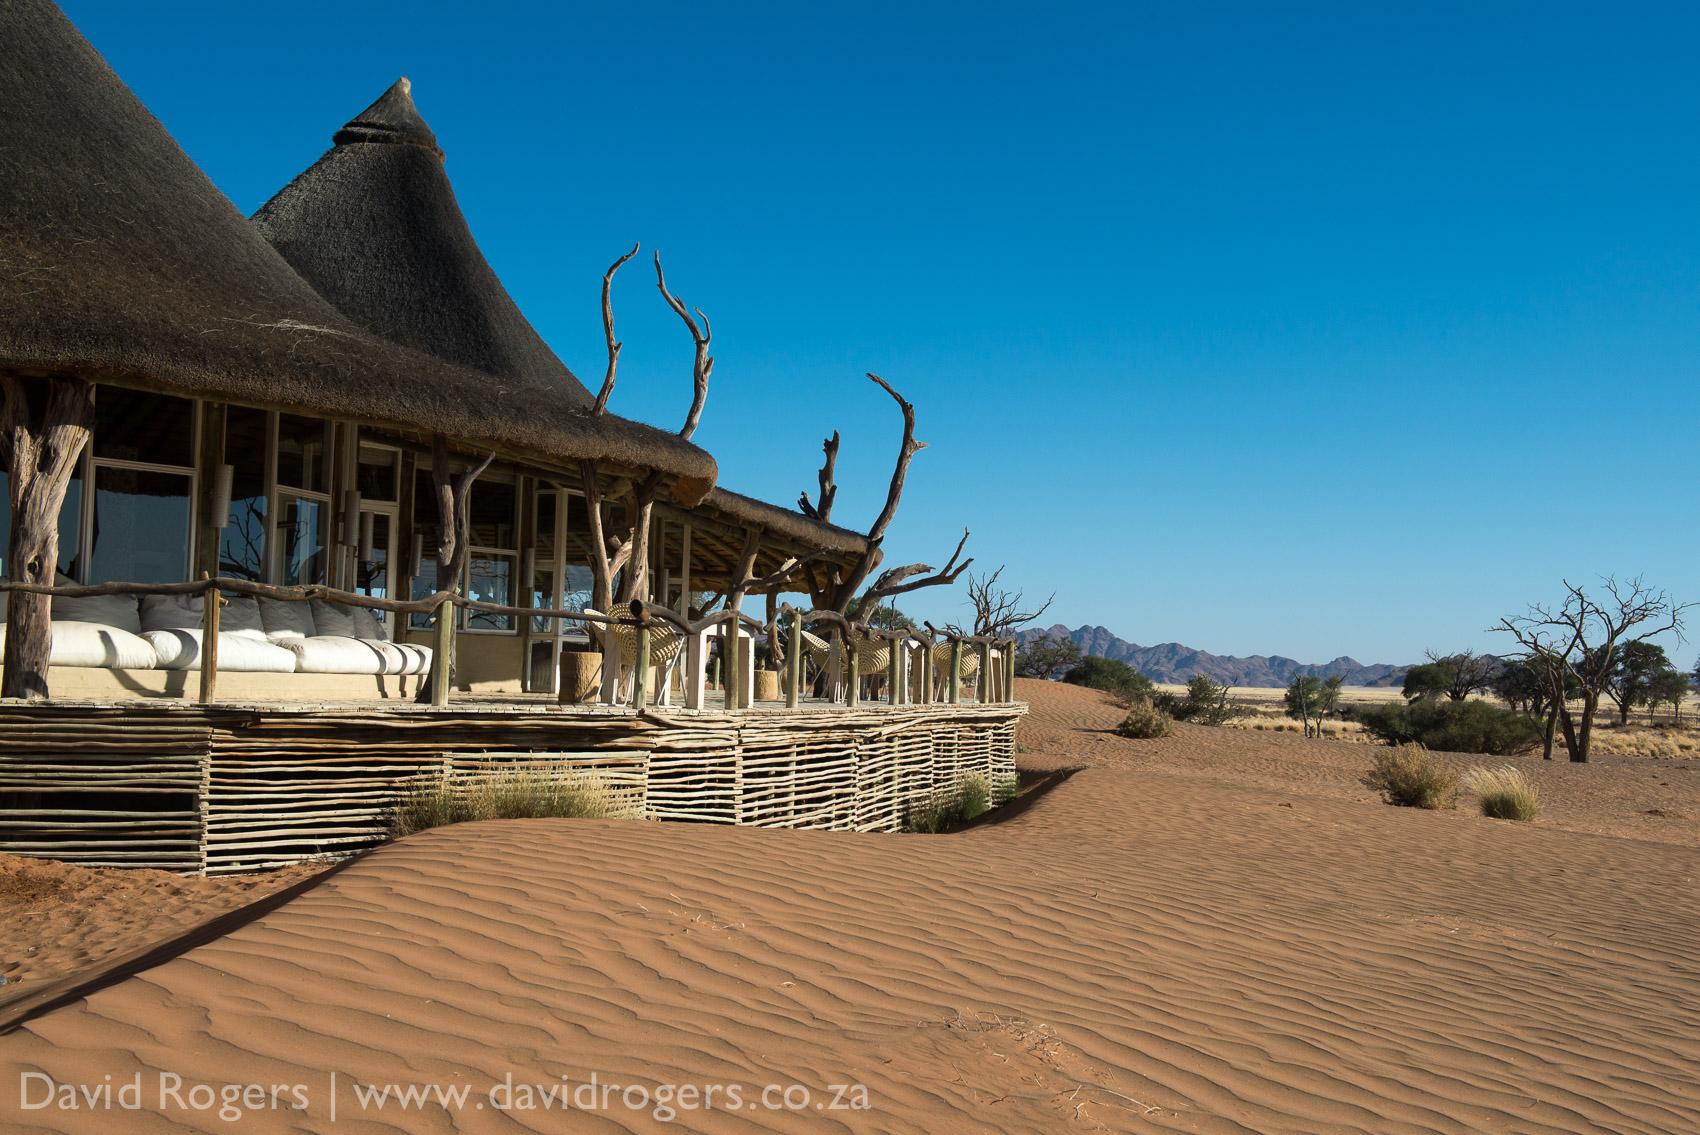 201211_Namibia_720